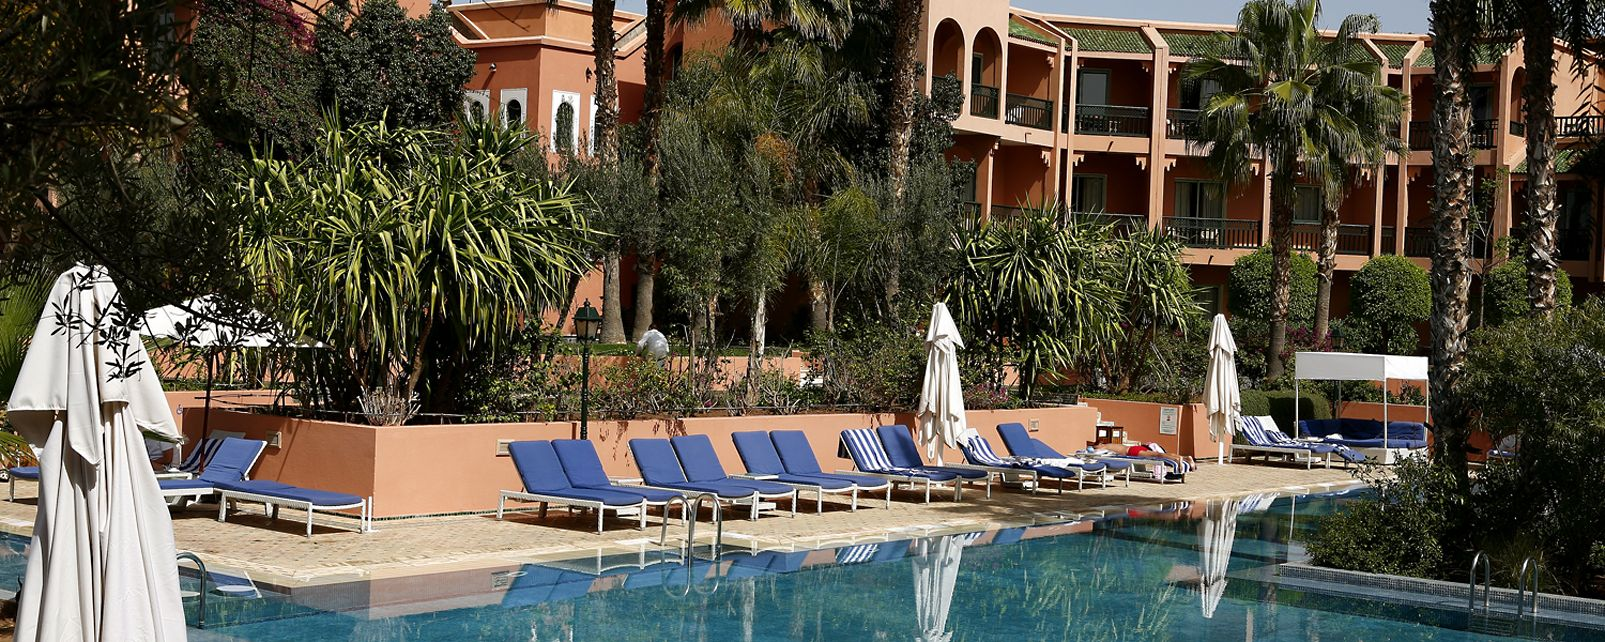 Hotel Sur Golf Marrakech